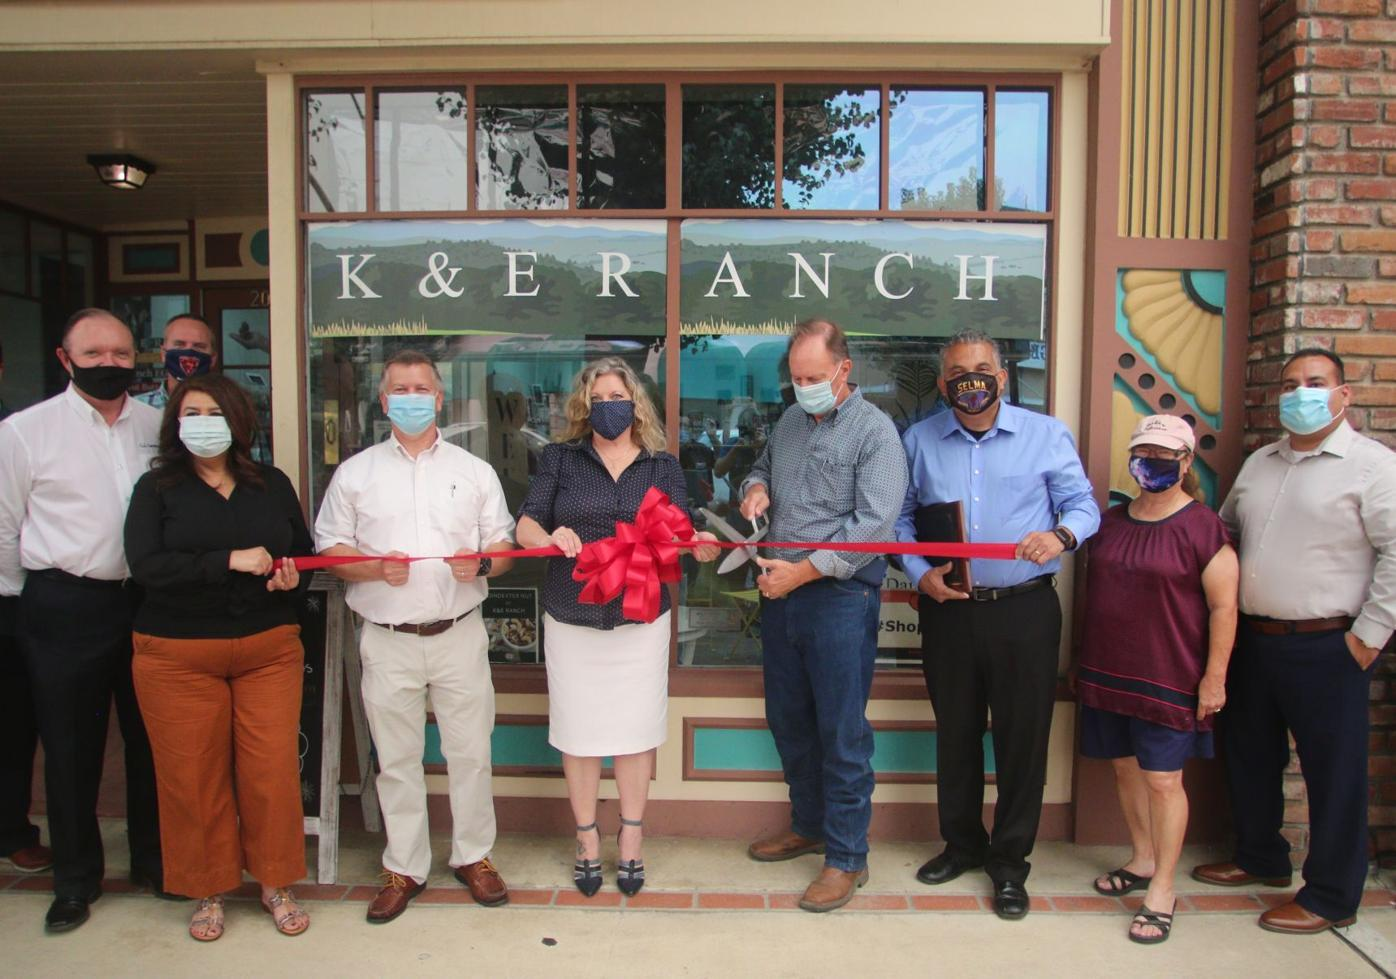 K&E Ranch has ribbon-cutting ceremony